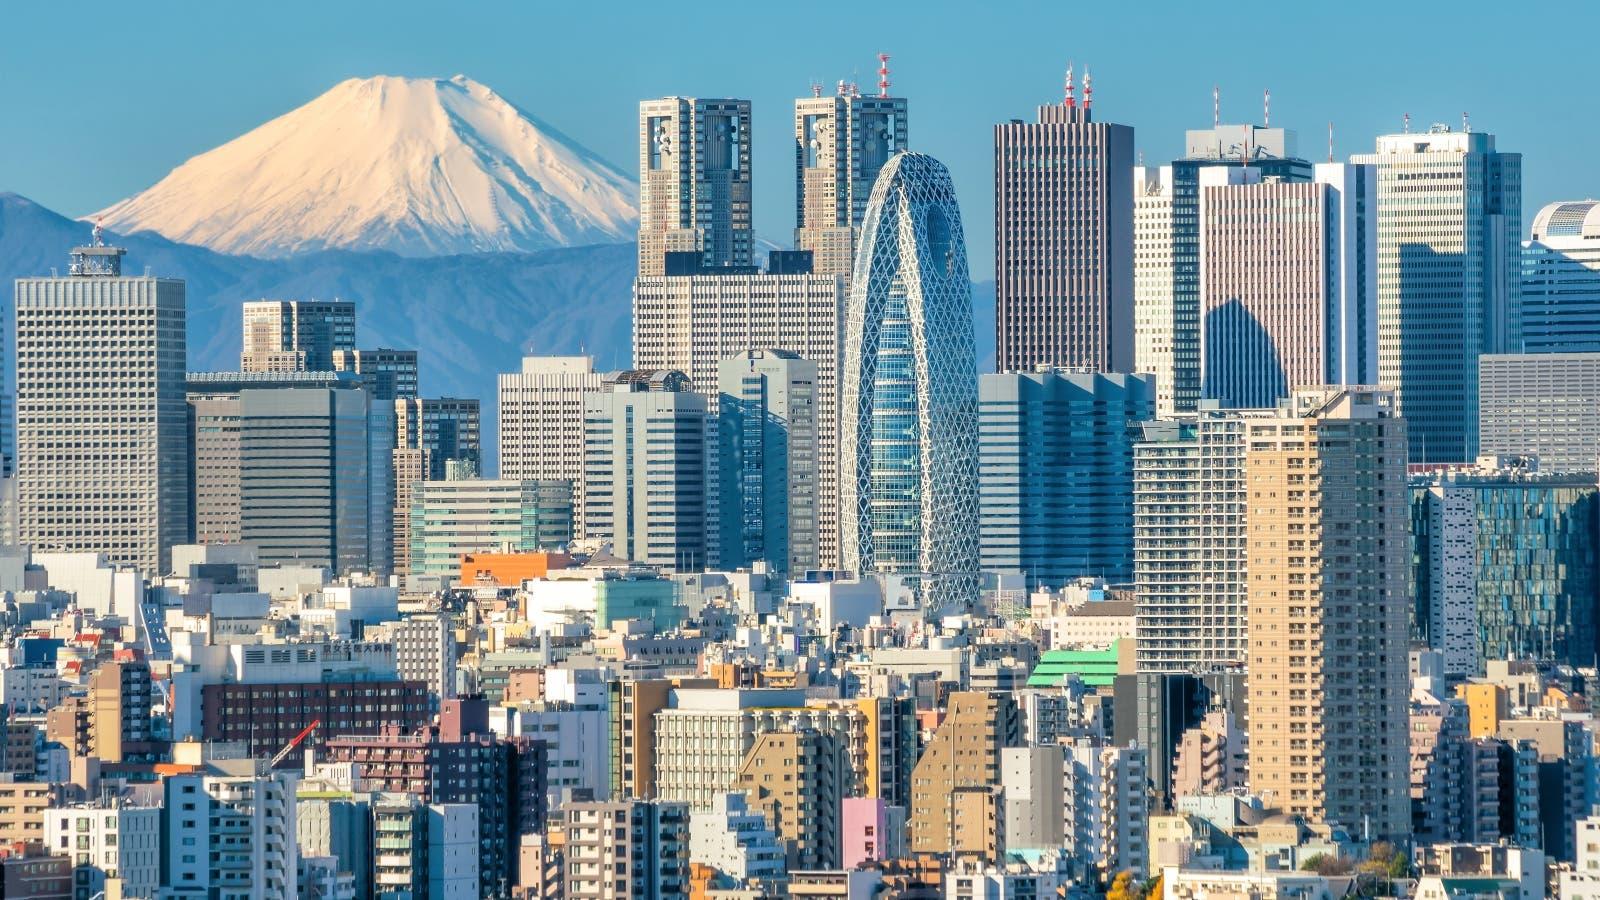 إلى الطبيعة الخلابة المجاورة لطوكيو